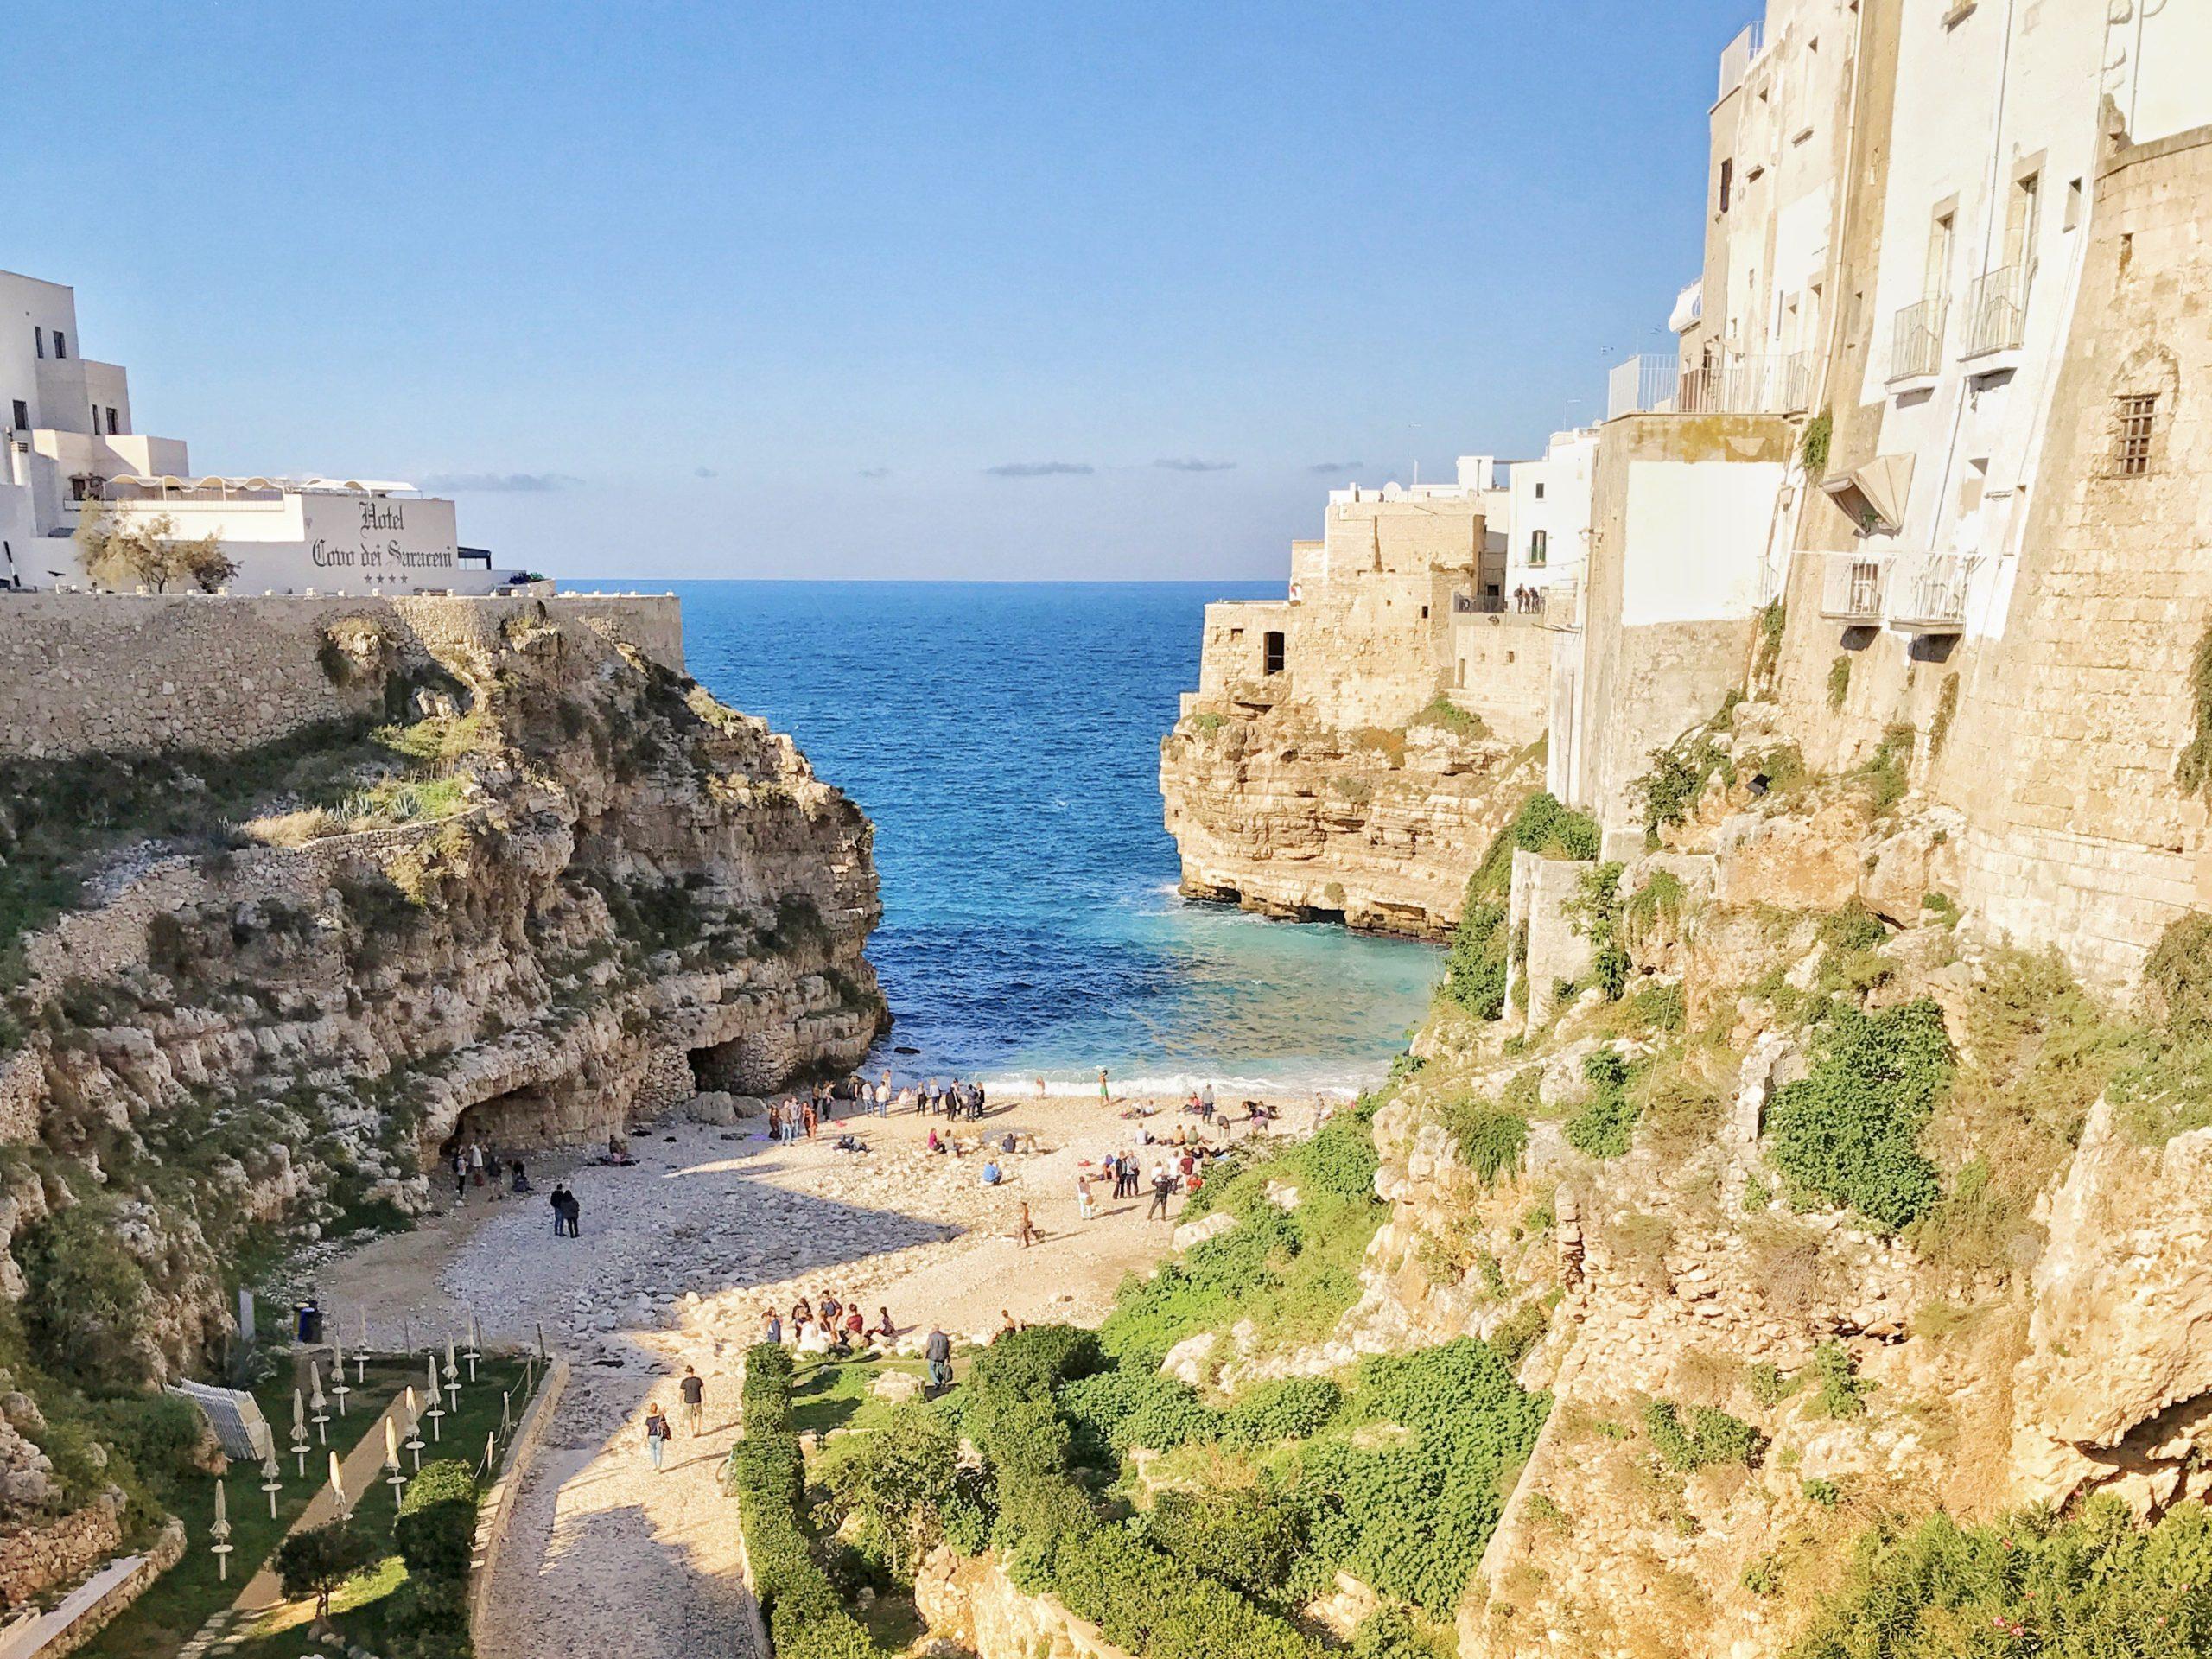 Cala Monachile offers one of Puglia's most iconic views - at Polignano a Mare.